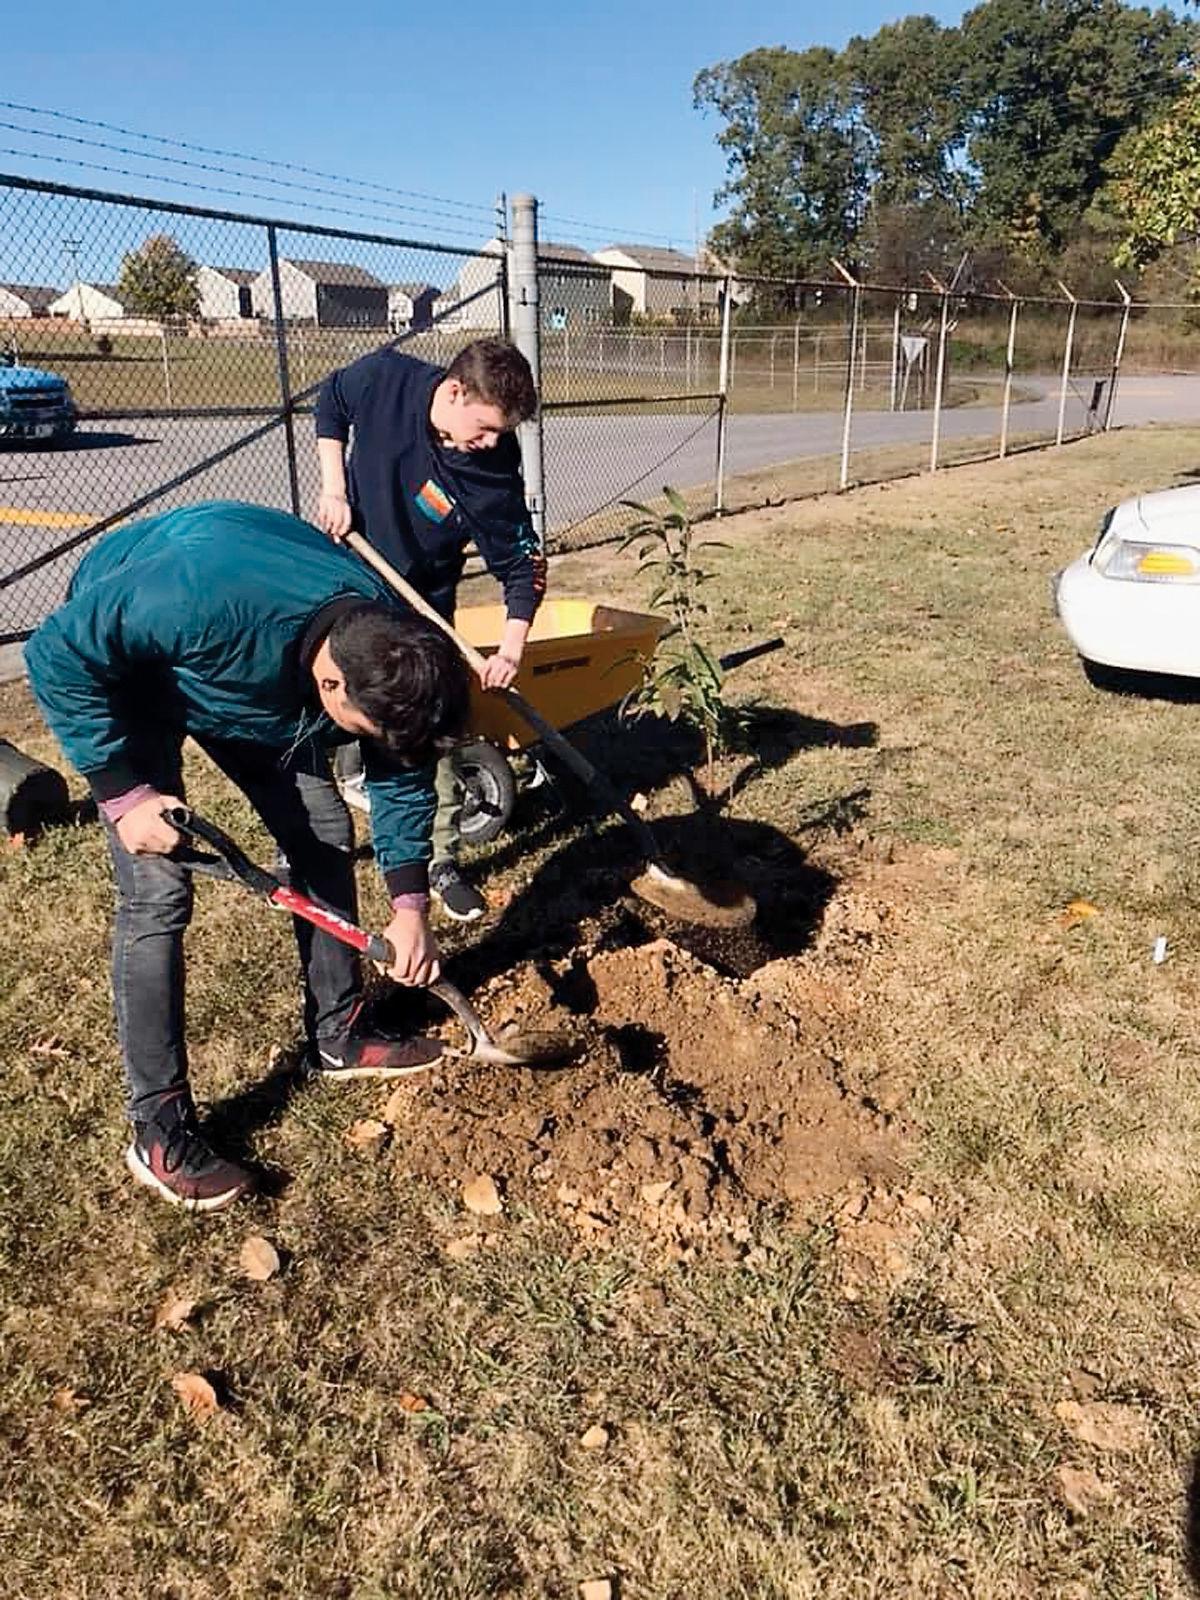 Planting trees at William Blount